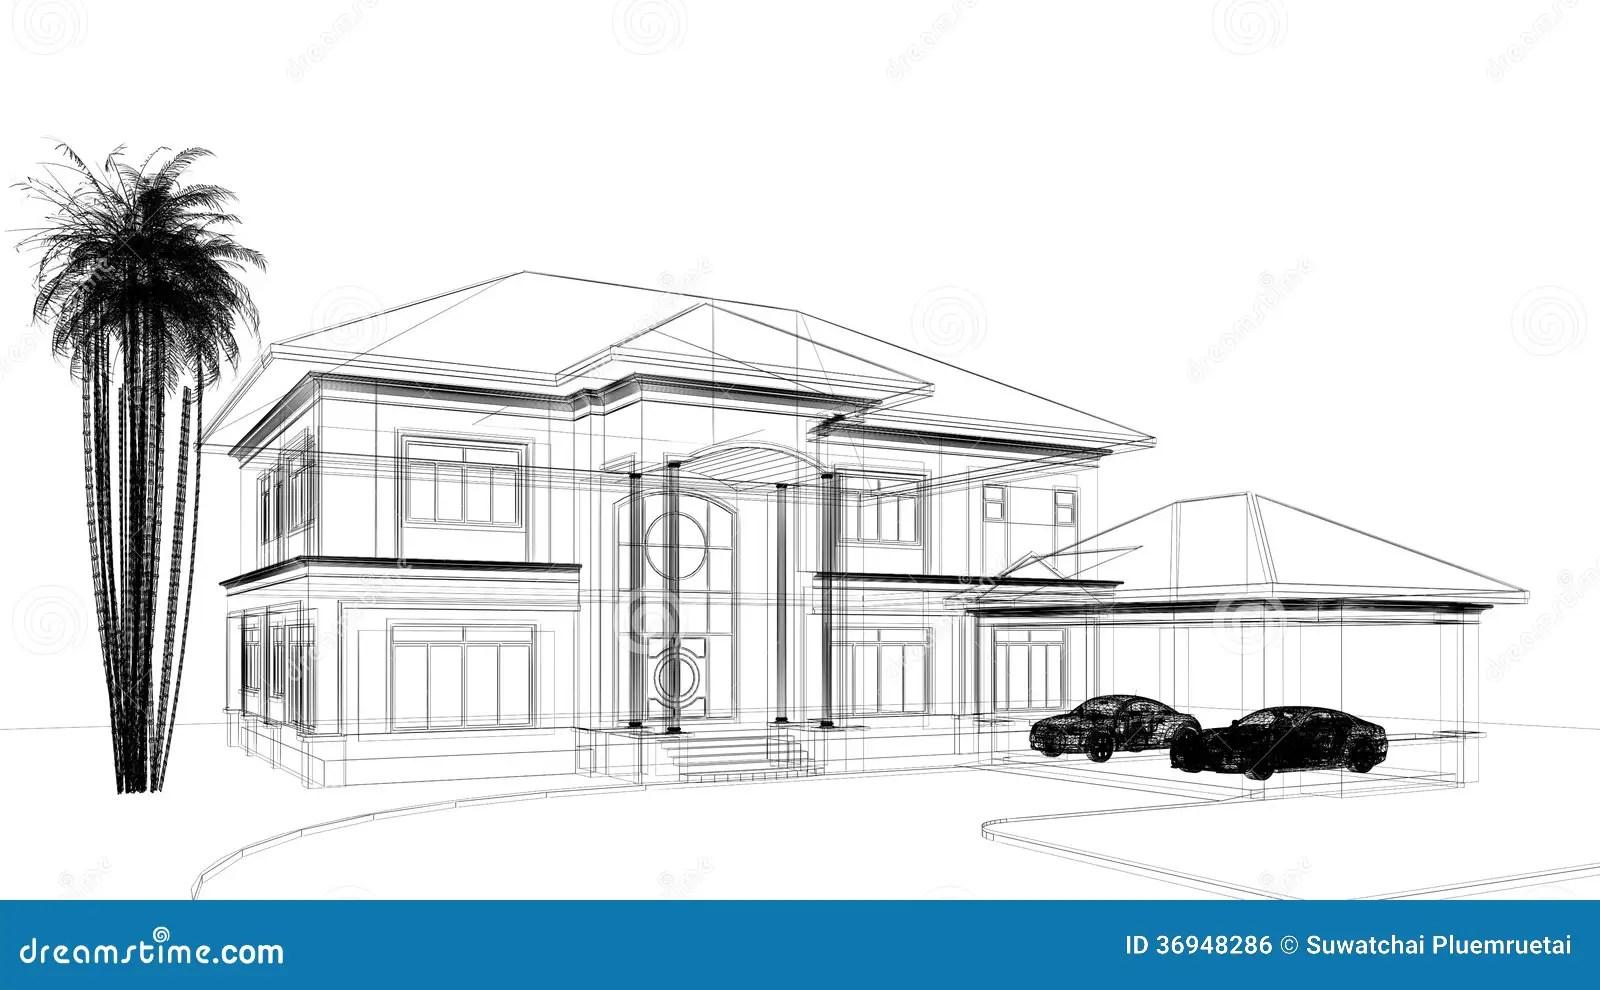 Sketch design of house stock illustration. Image of sketch